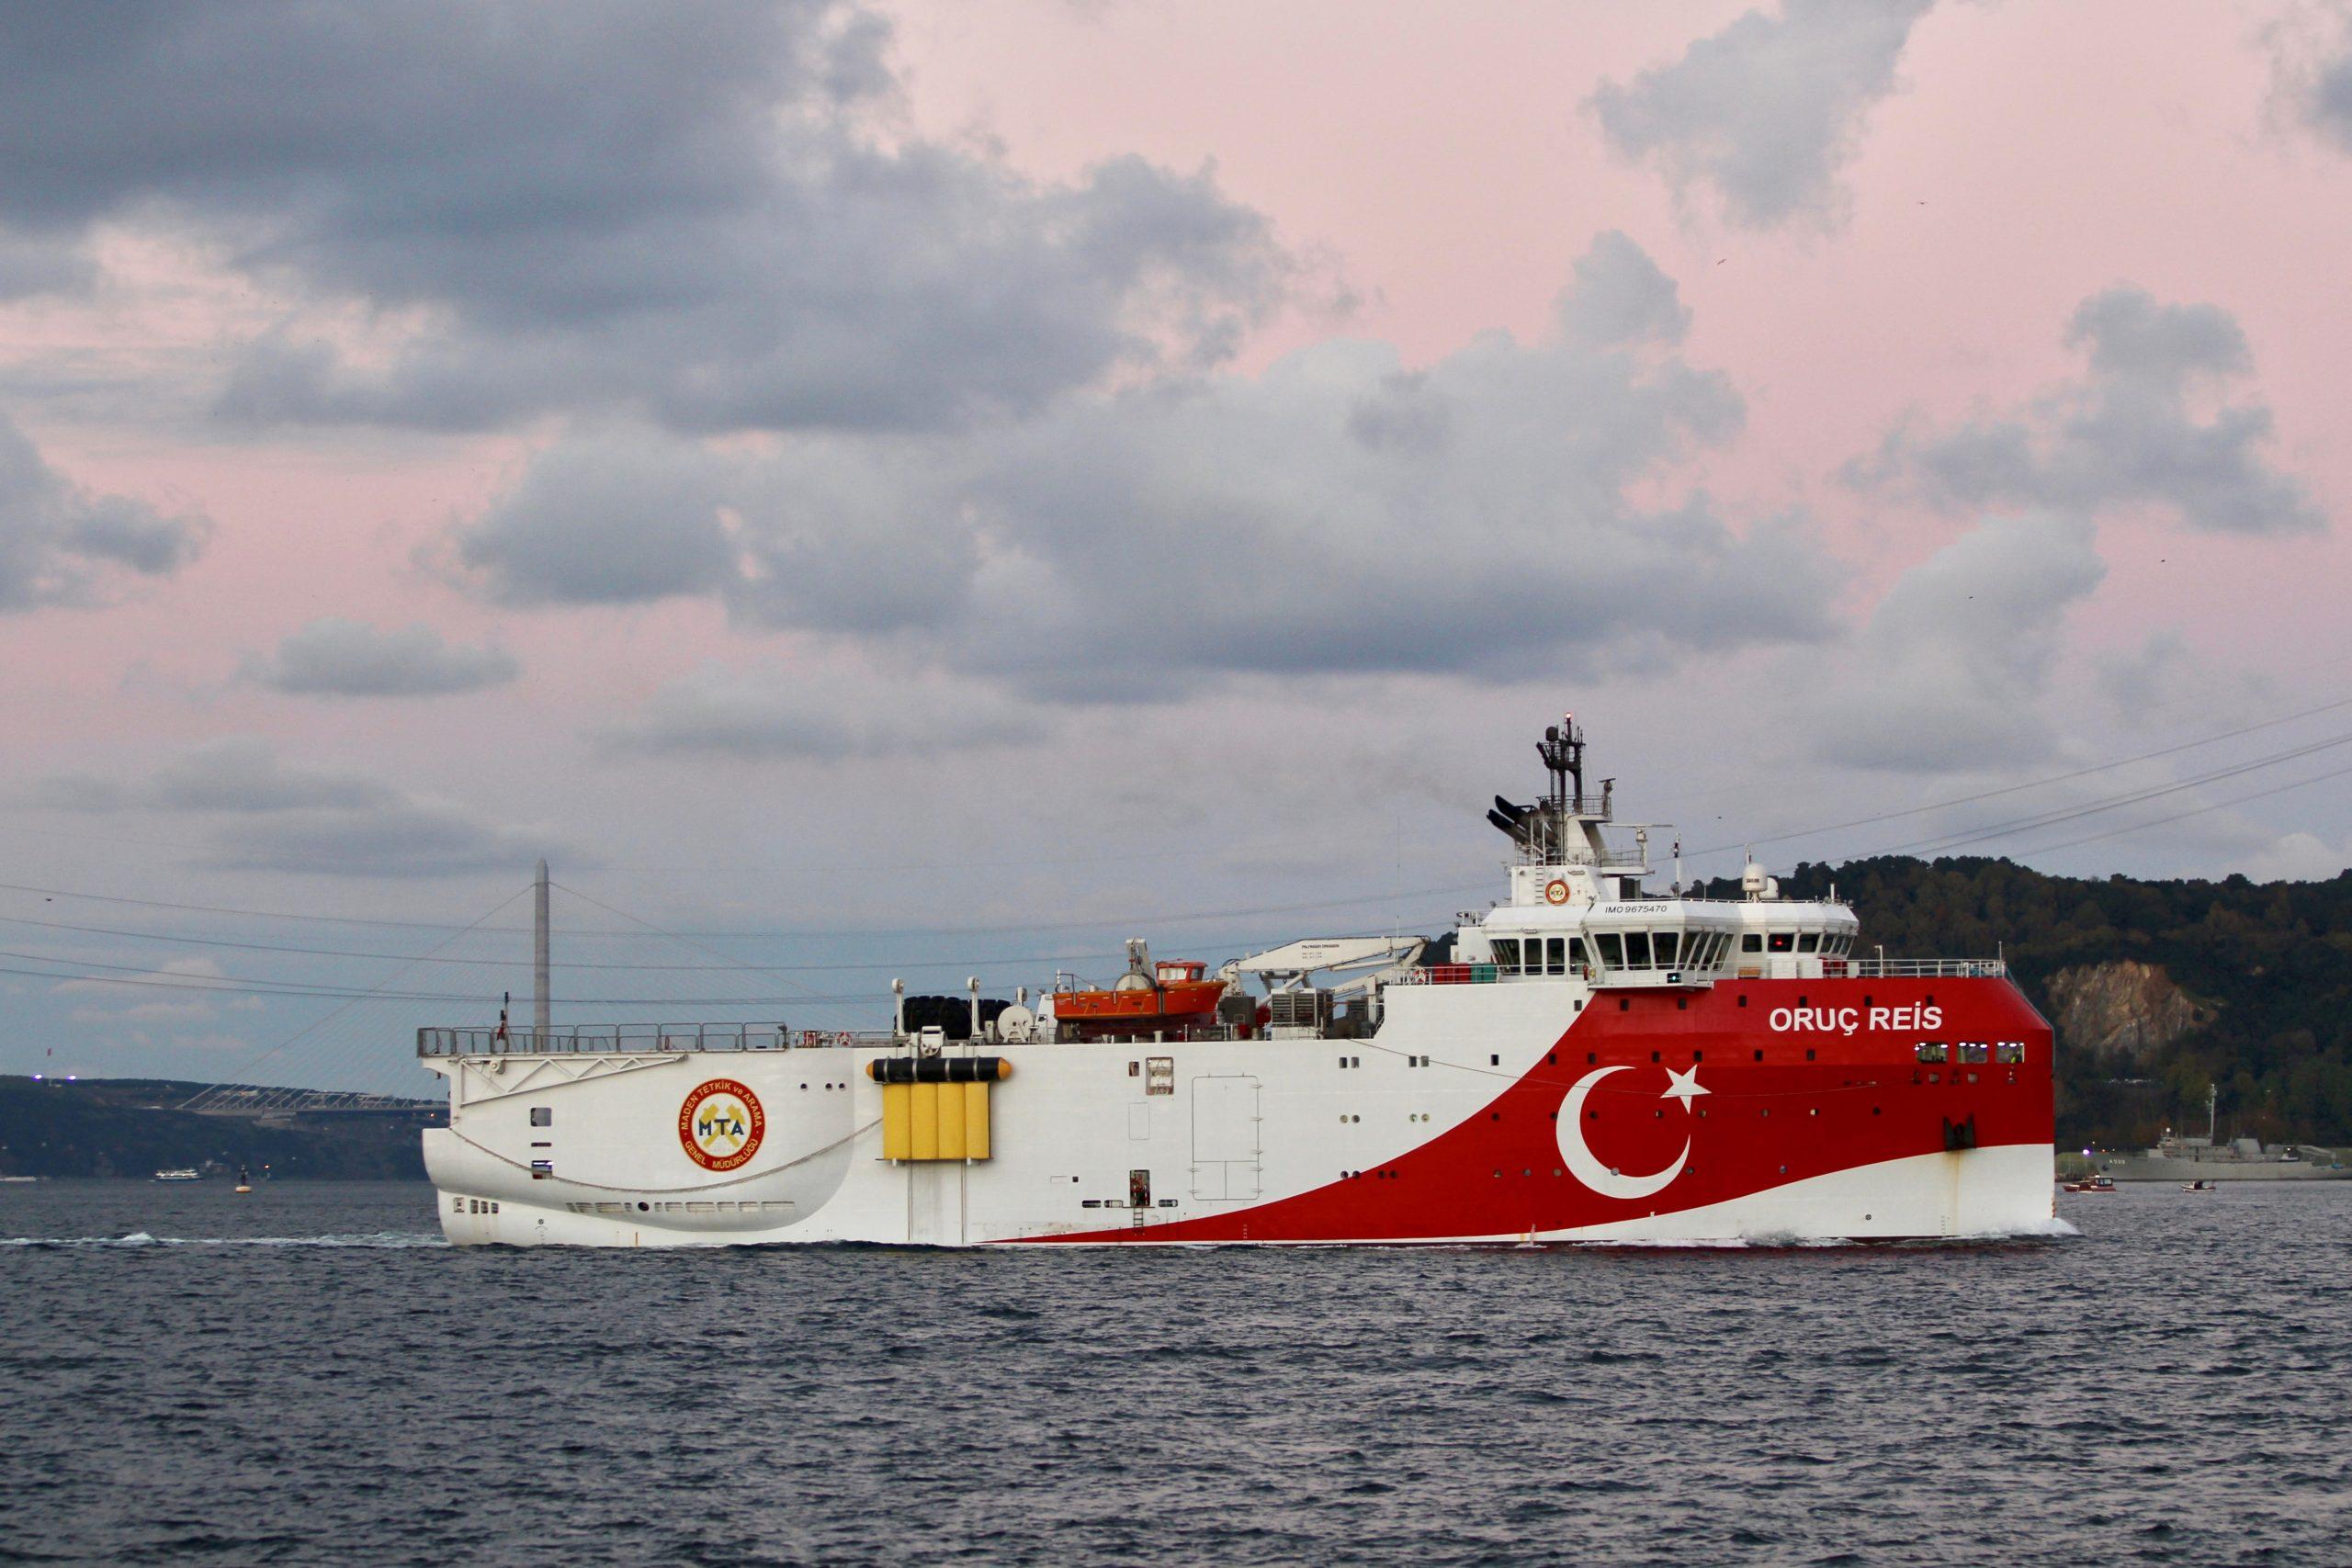 سفينة الاستكشاف التركية الرويس عروج في شرق البحر المتوسط (رويترز)